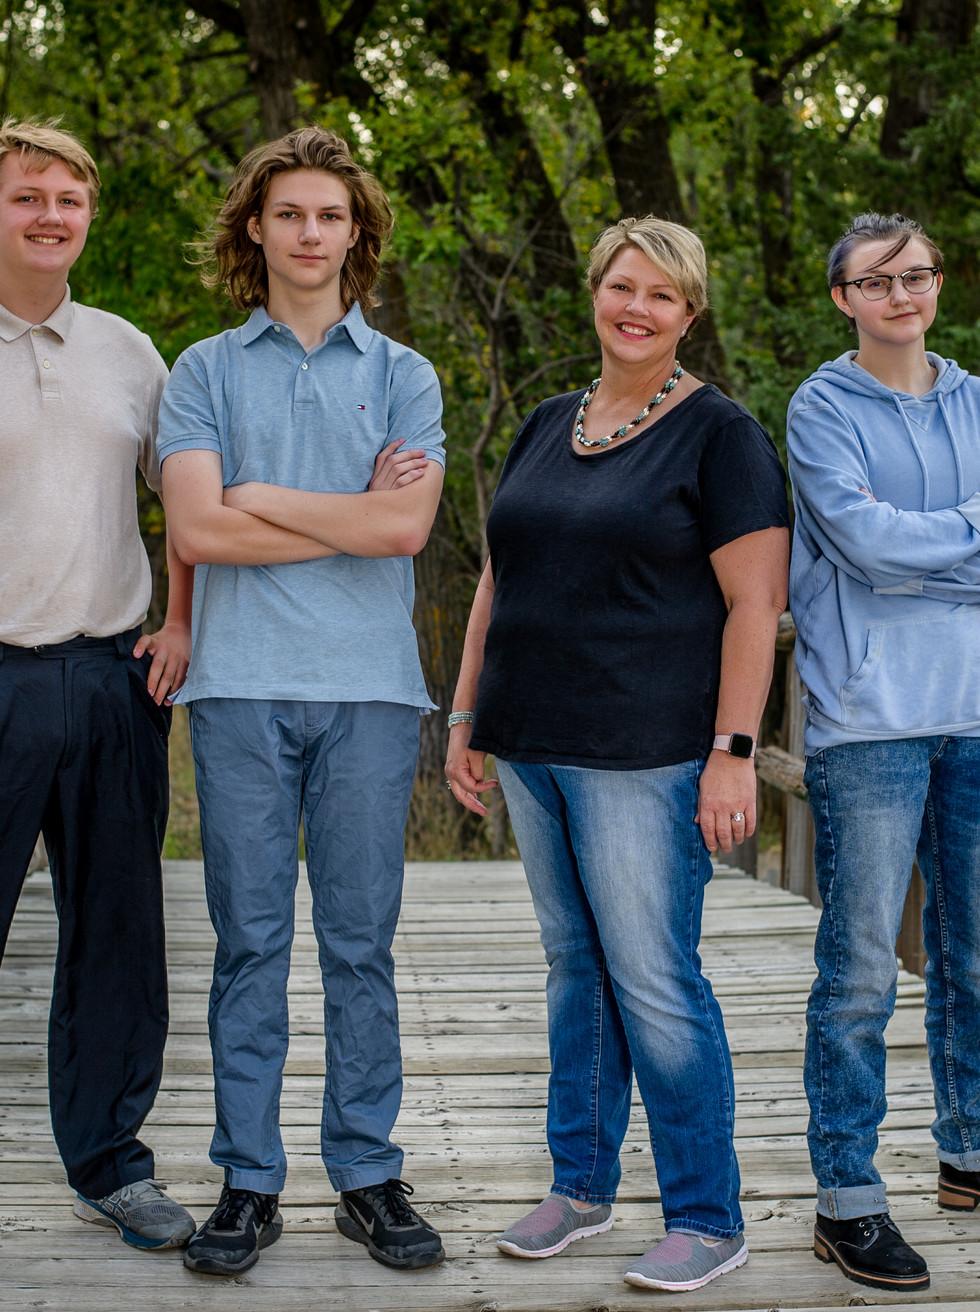 audra family photos 2020-2.jpg